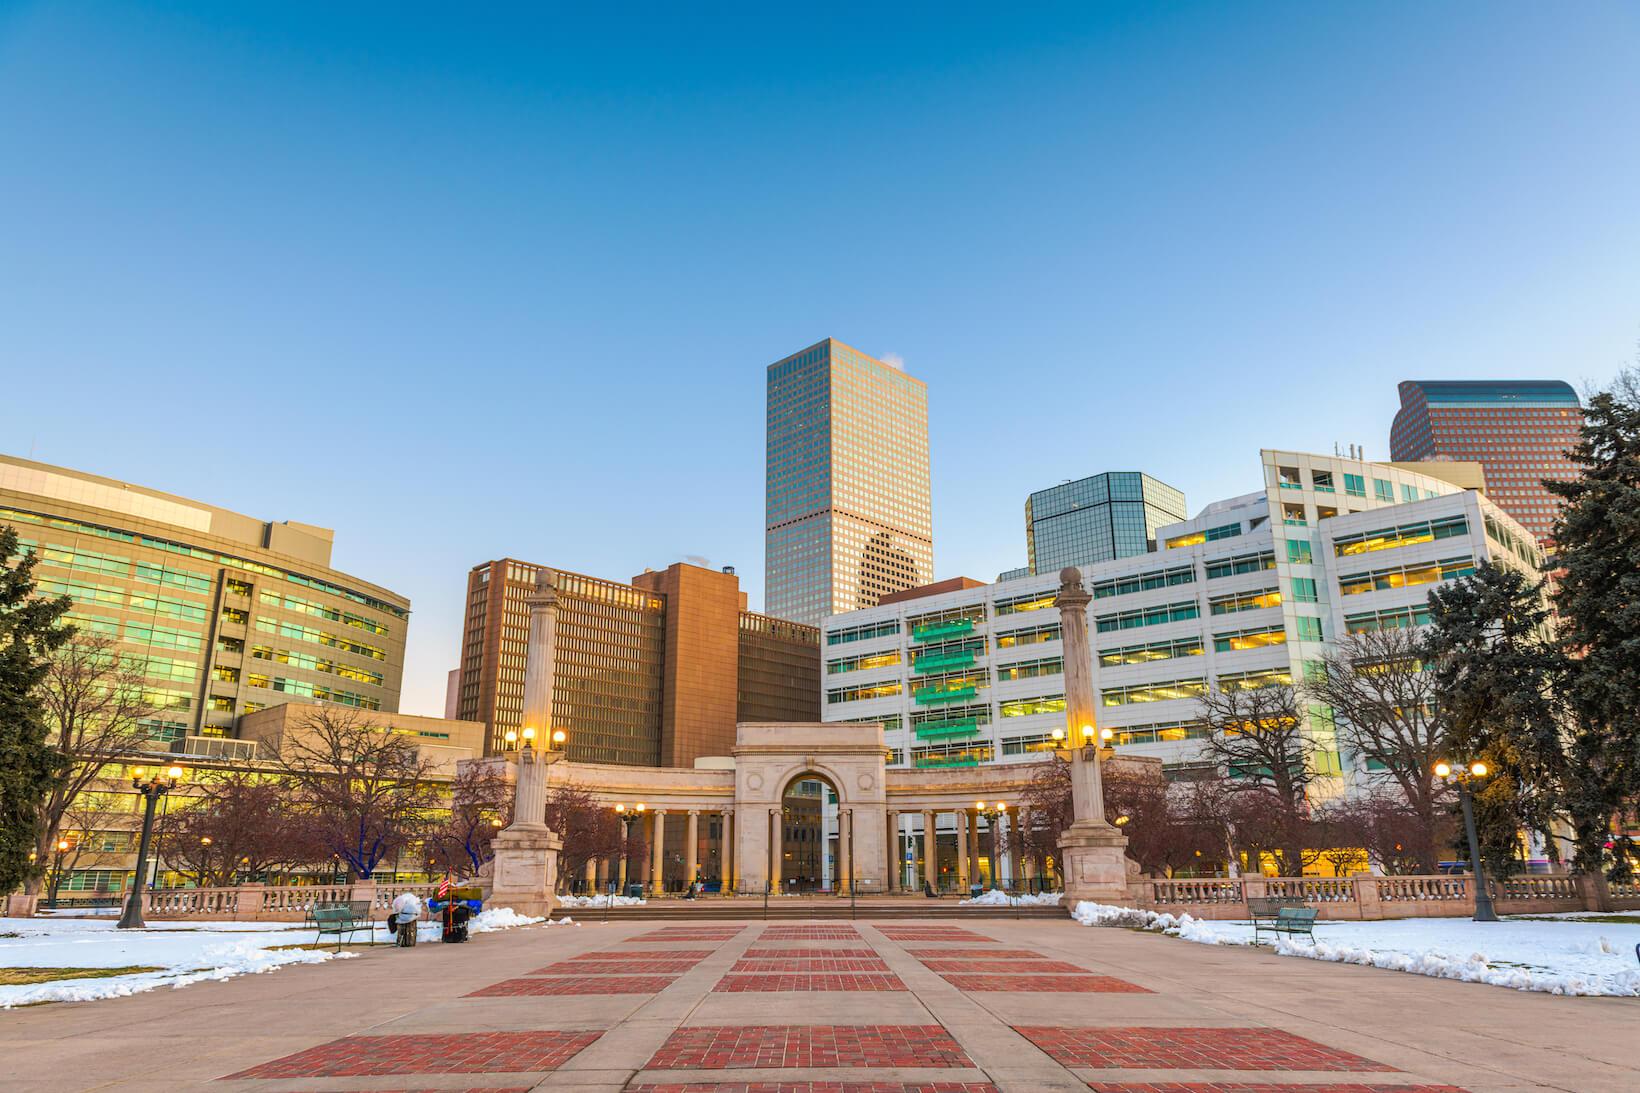 Investment banks in Denver